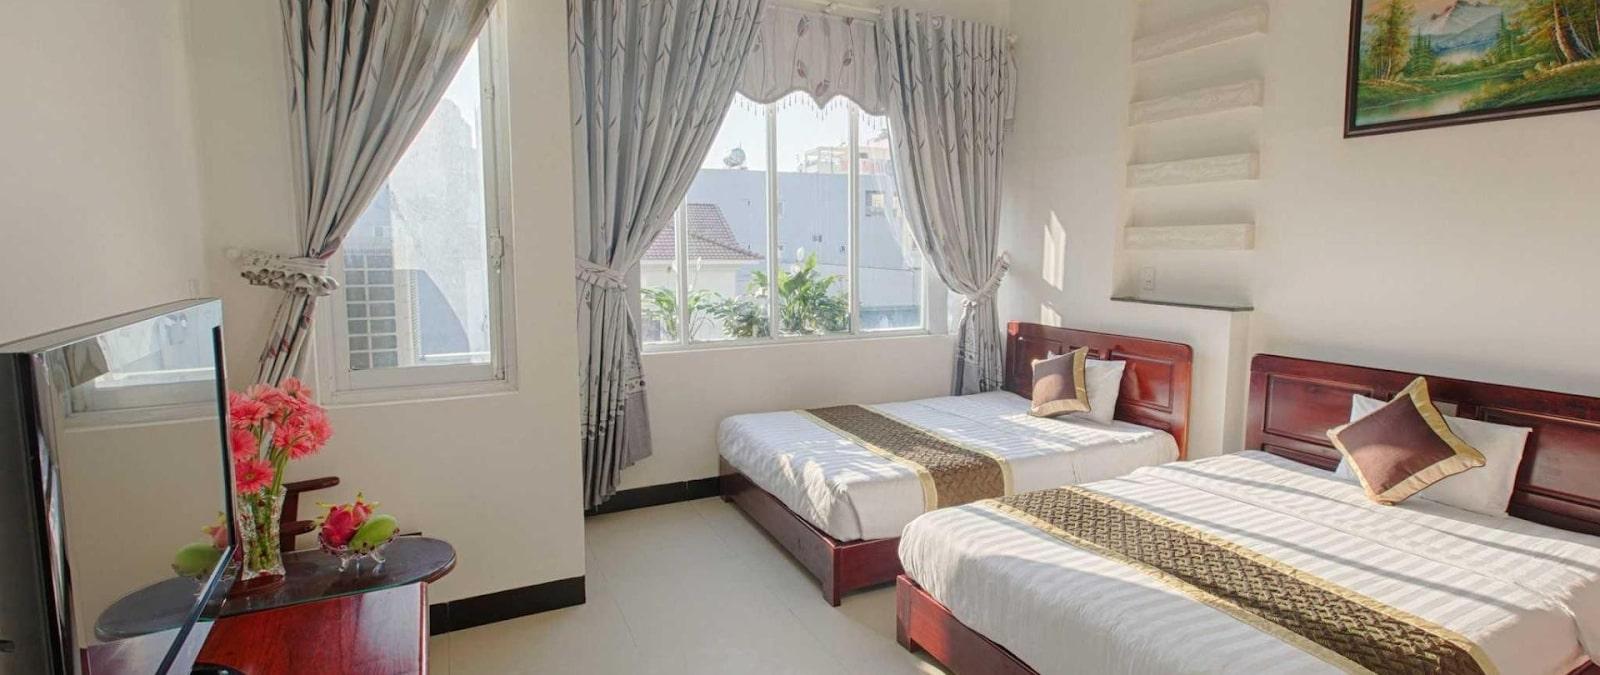 Khách sạn Đà Nẵng giá rẻ